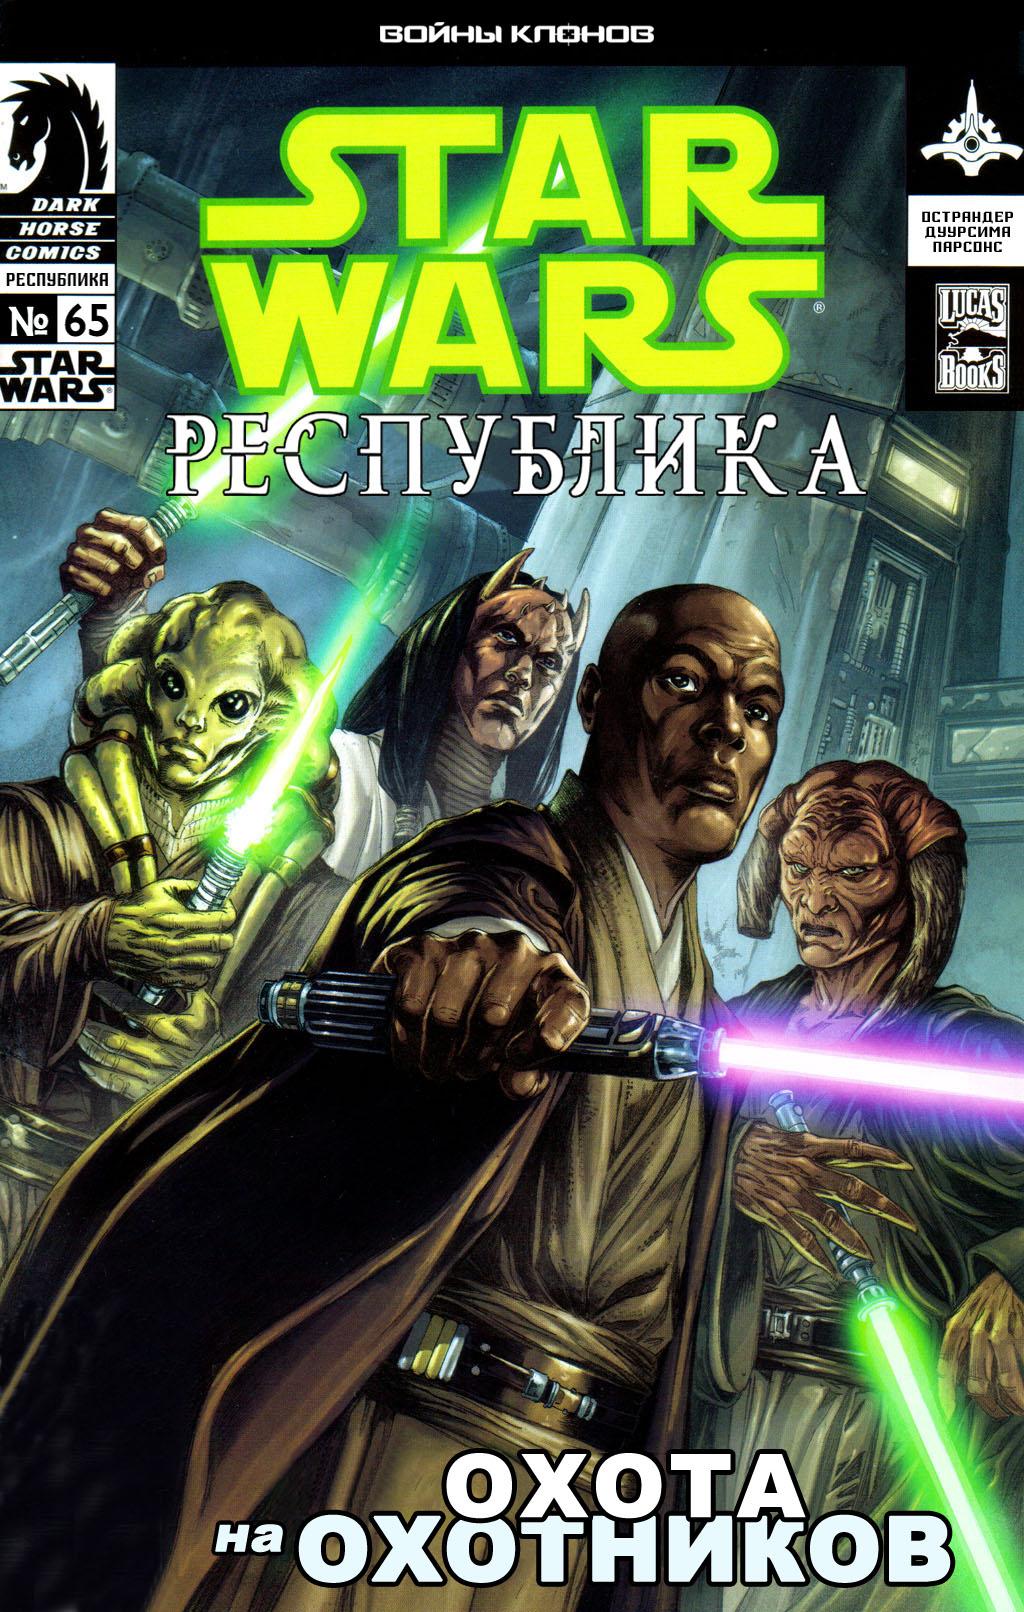 Звёздные войны. Республика 65: Демонстрация Силы, часть 1